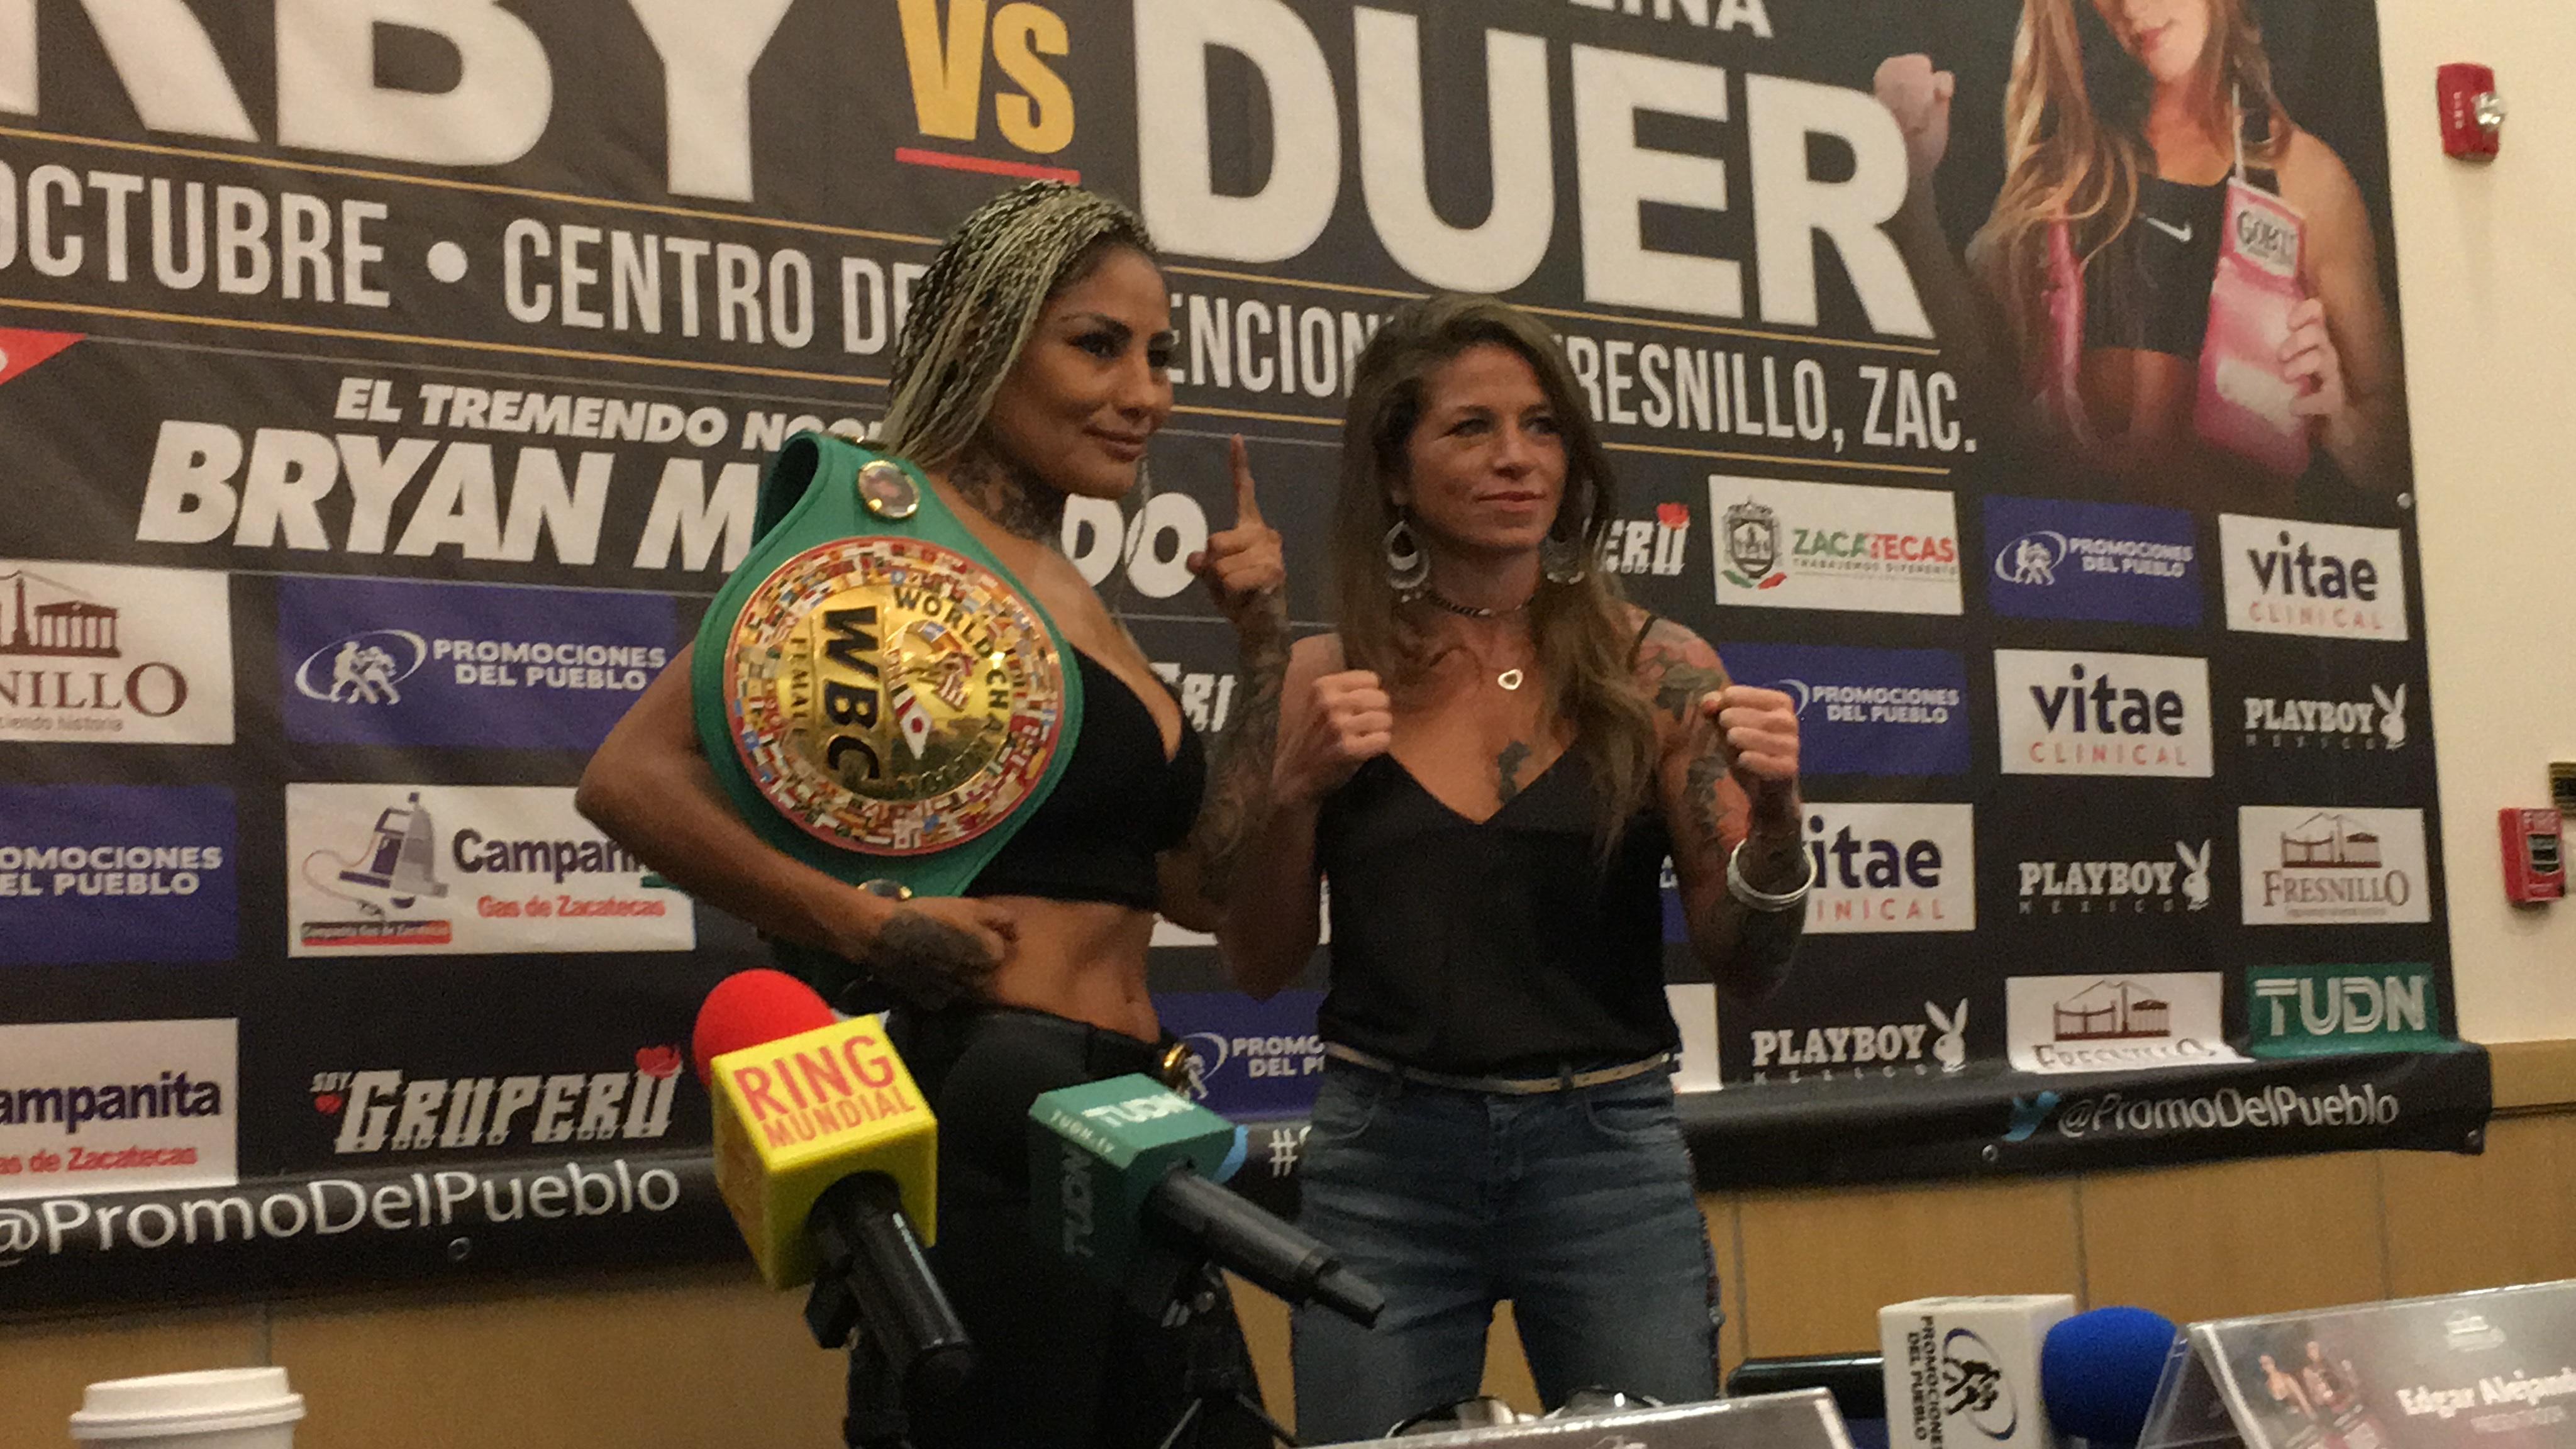 Juárez y Duer en conferencia de prensa